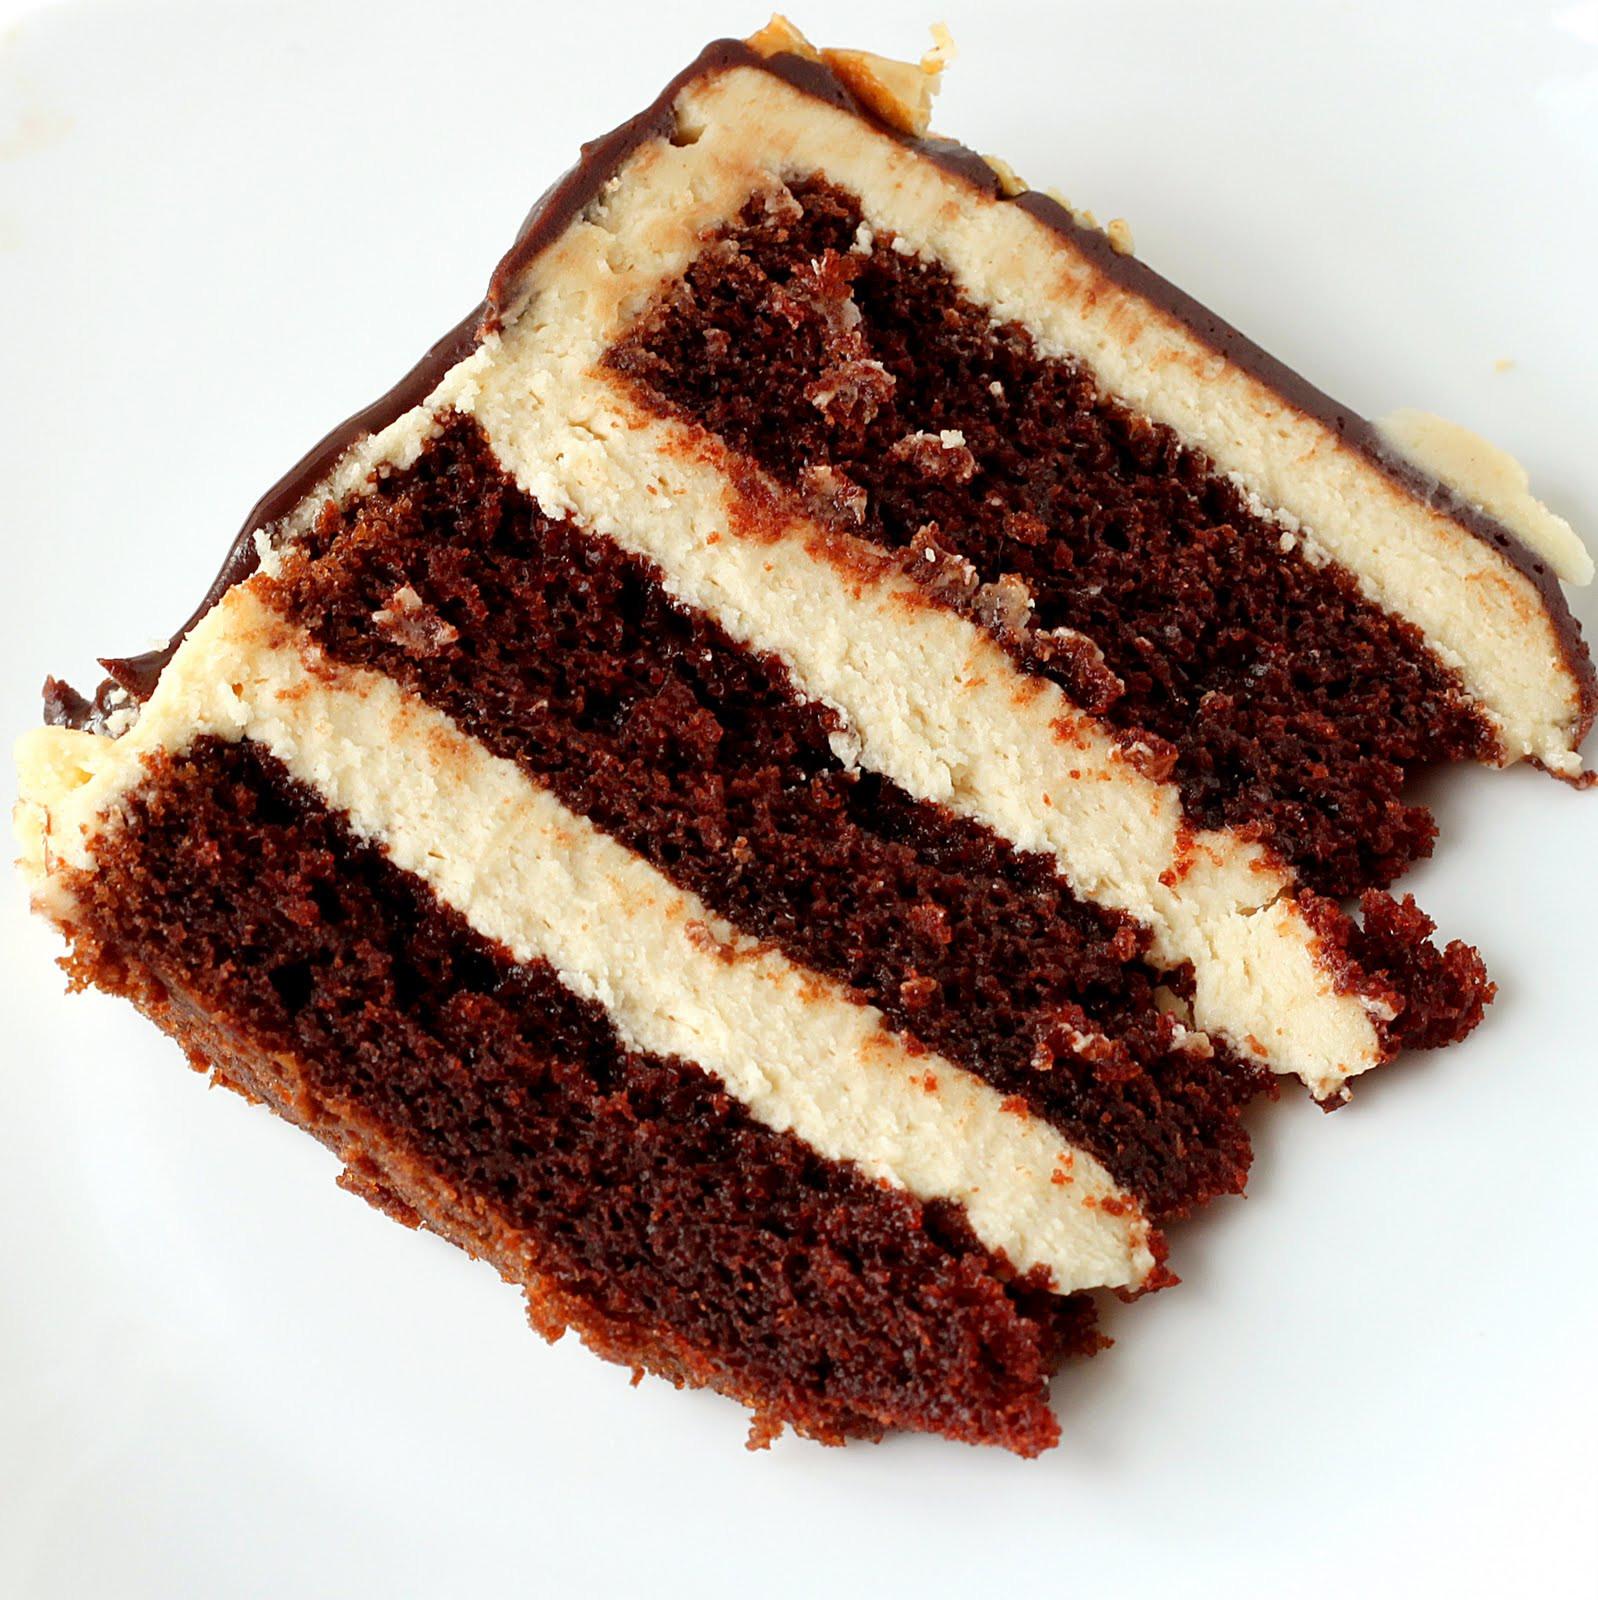 Chocolate Peanut Butter Cake Recipe  Sugar Cooking Chocolate Peanut Butter Cake